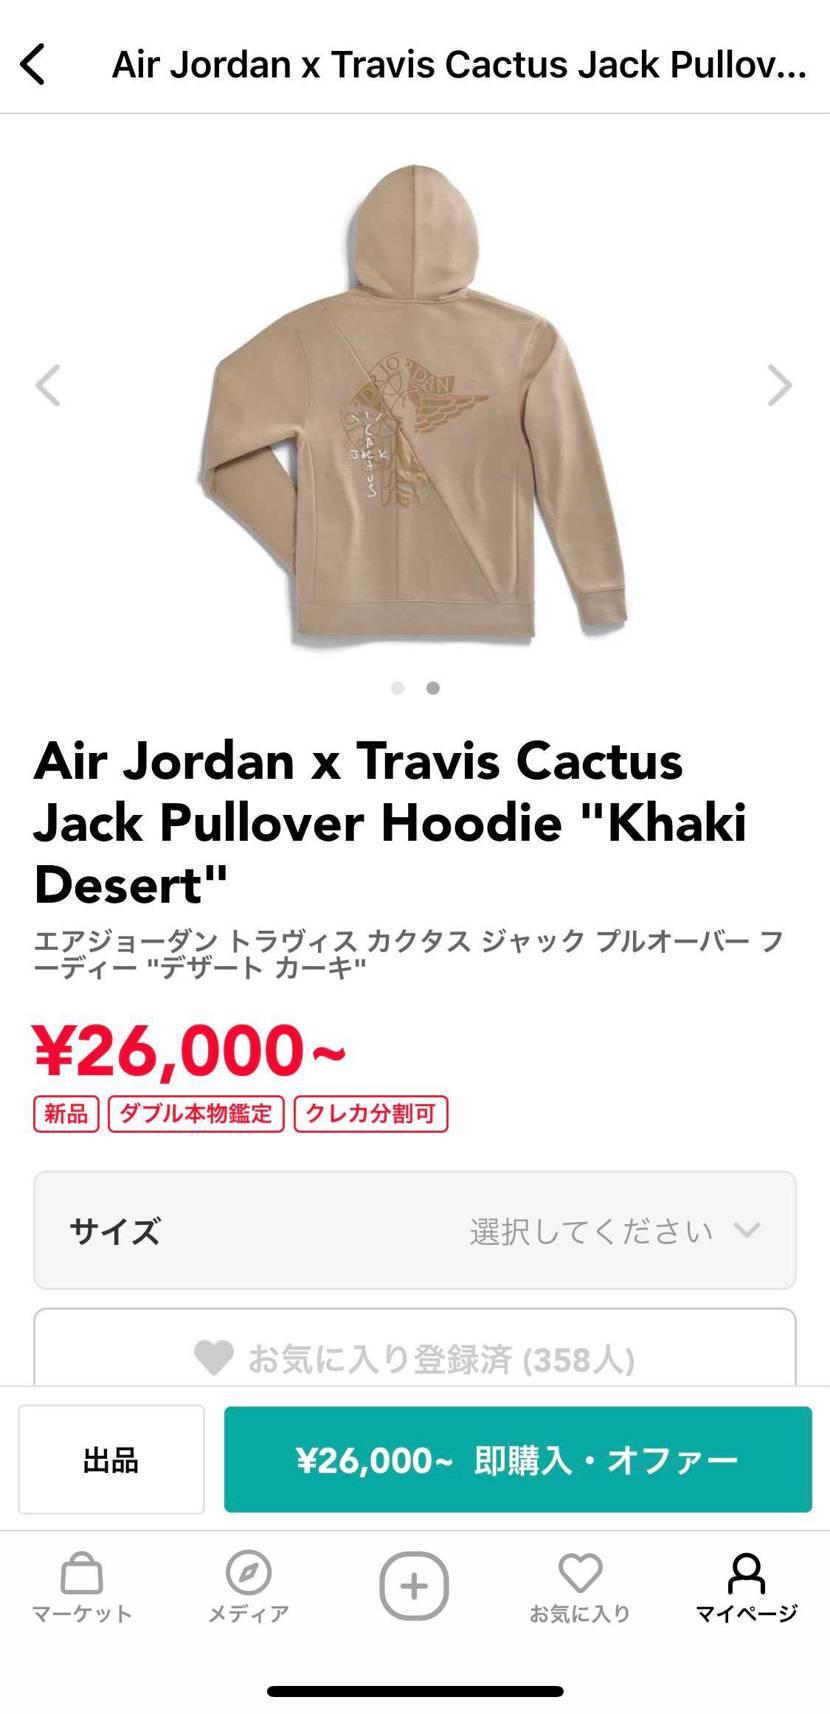 このパーカーとかTシャツとかってusサイズですかね?詳しい方居たら教えていただけ